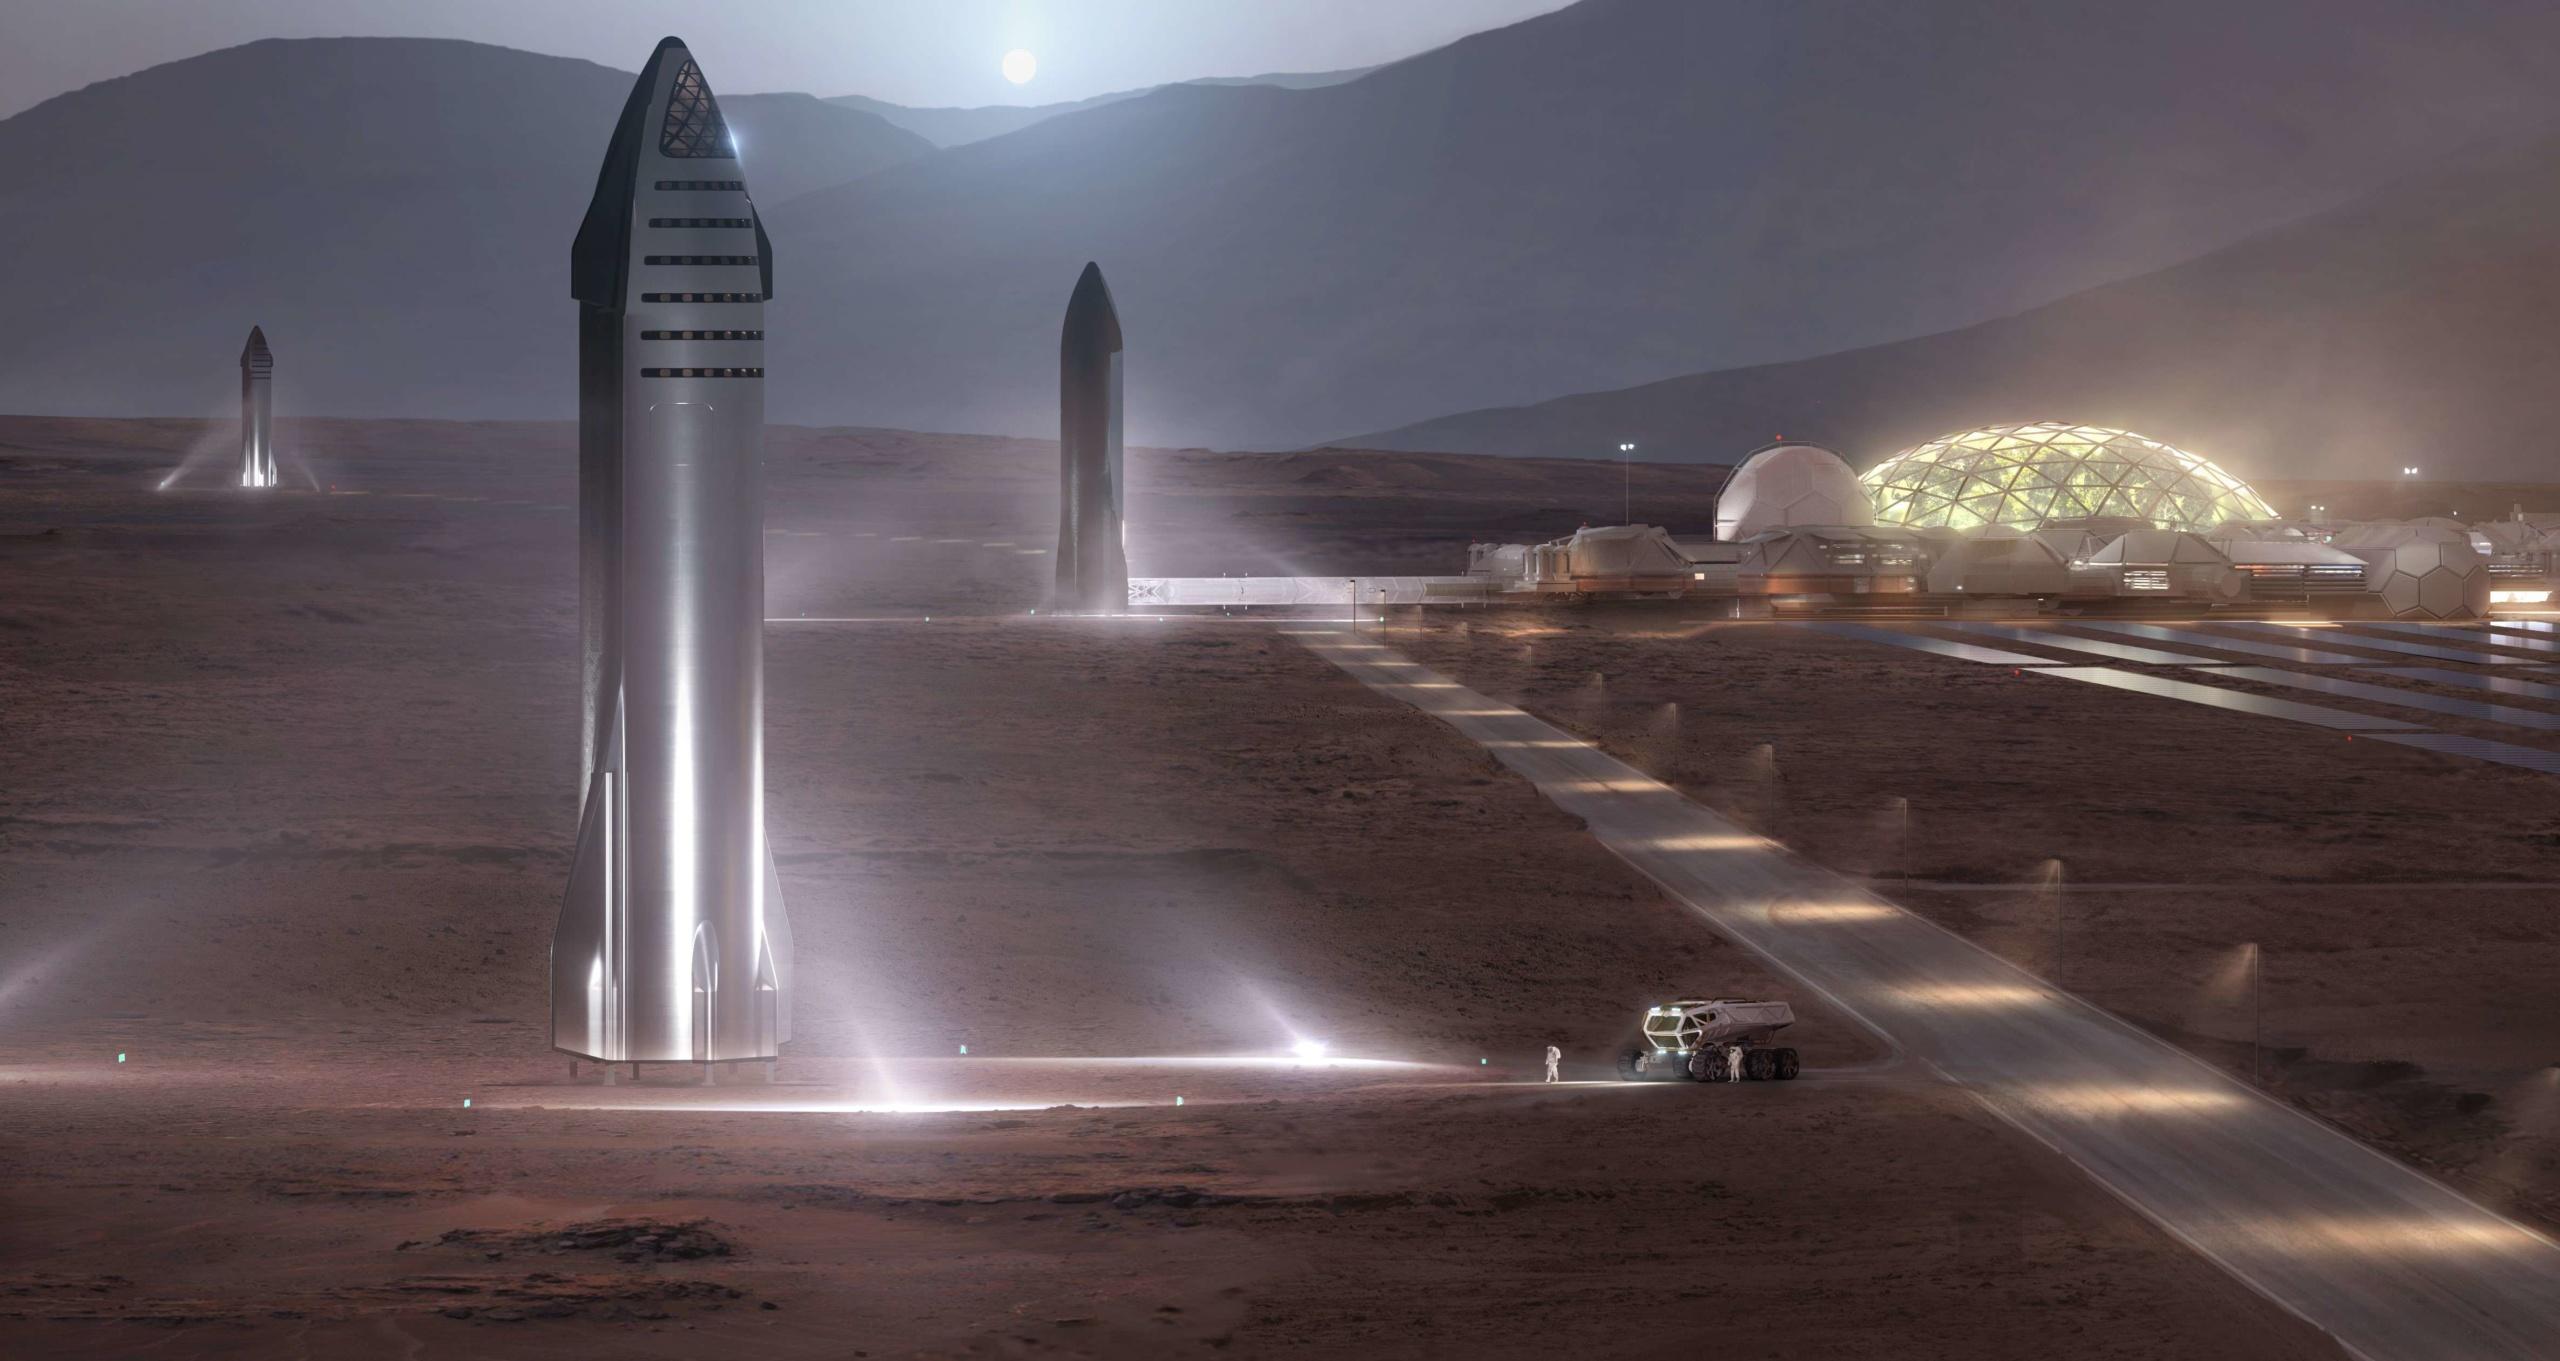 В пользовательском соглашении Starlink заметили пункт, провозглашающий полную автономию Марса — это вообще законно?